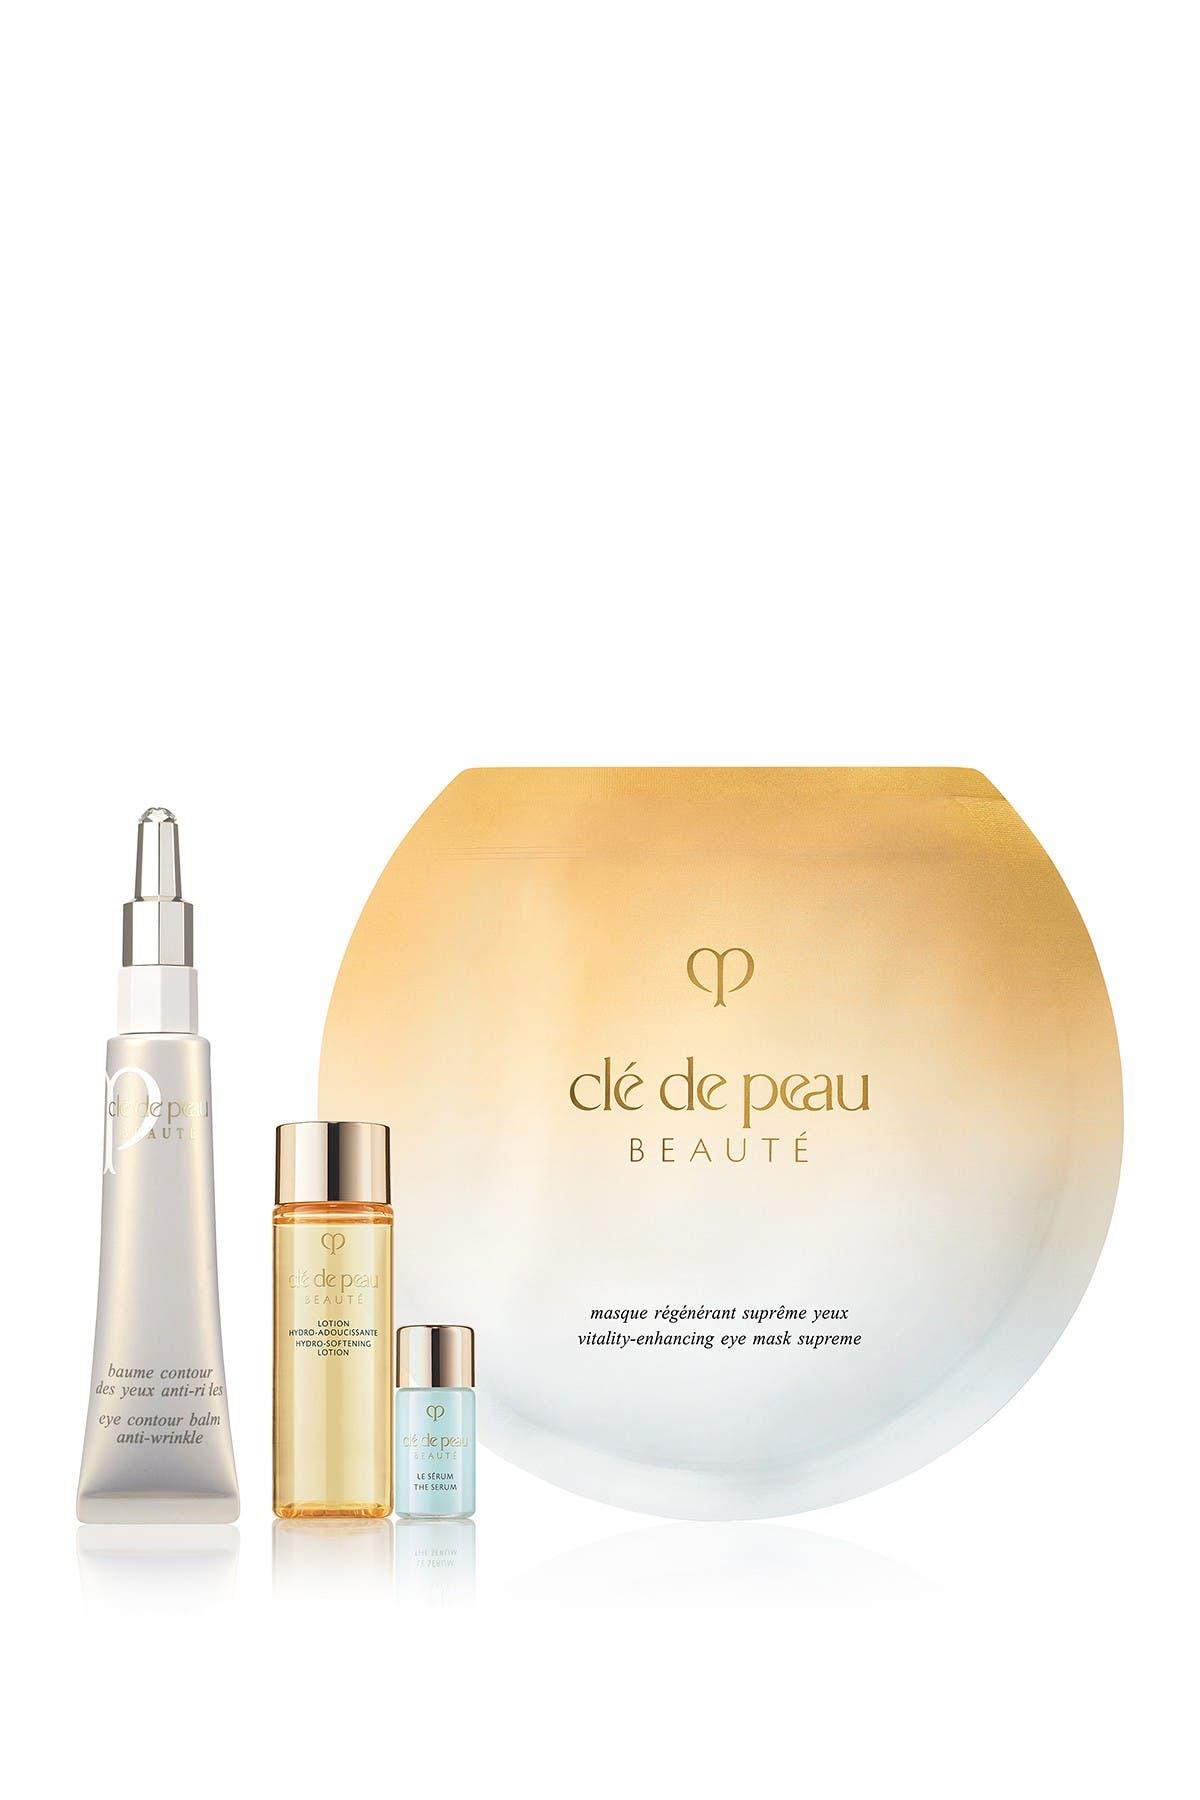 Image of CLE DE PEAU Beauté Eye Contour Balm Anti-Wrinkle Set